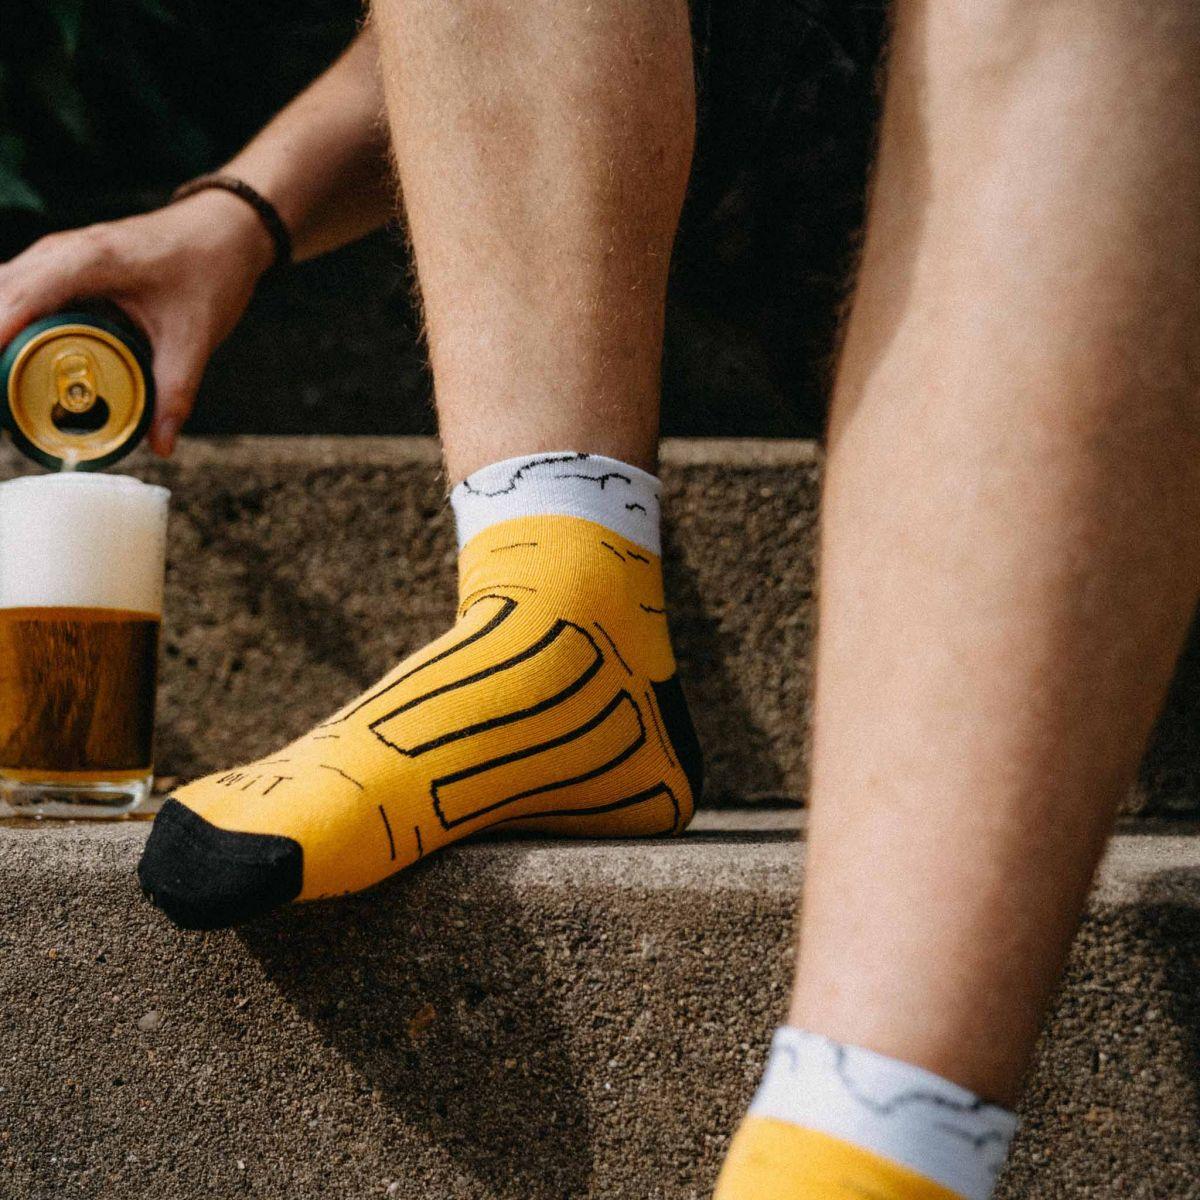 Ponožky - Pivo 14 nízké p2